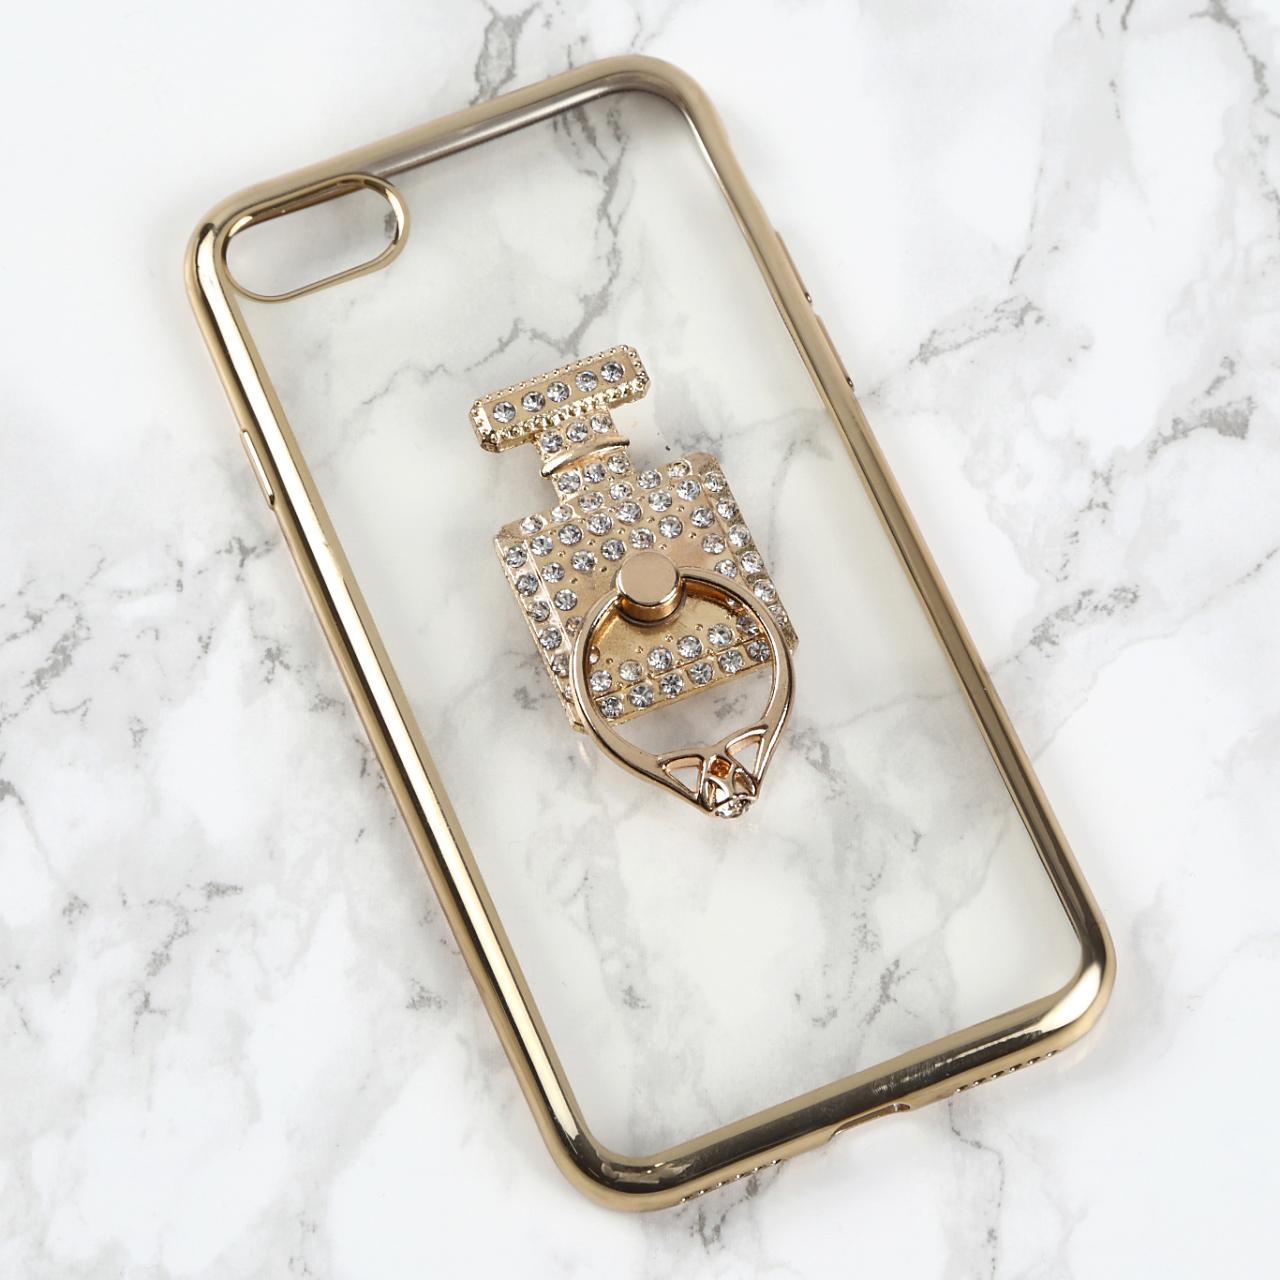 【送料無料】縁ゴールドのソフトケース&香水ボトル&バンカーリング iPhoneケース